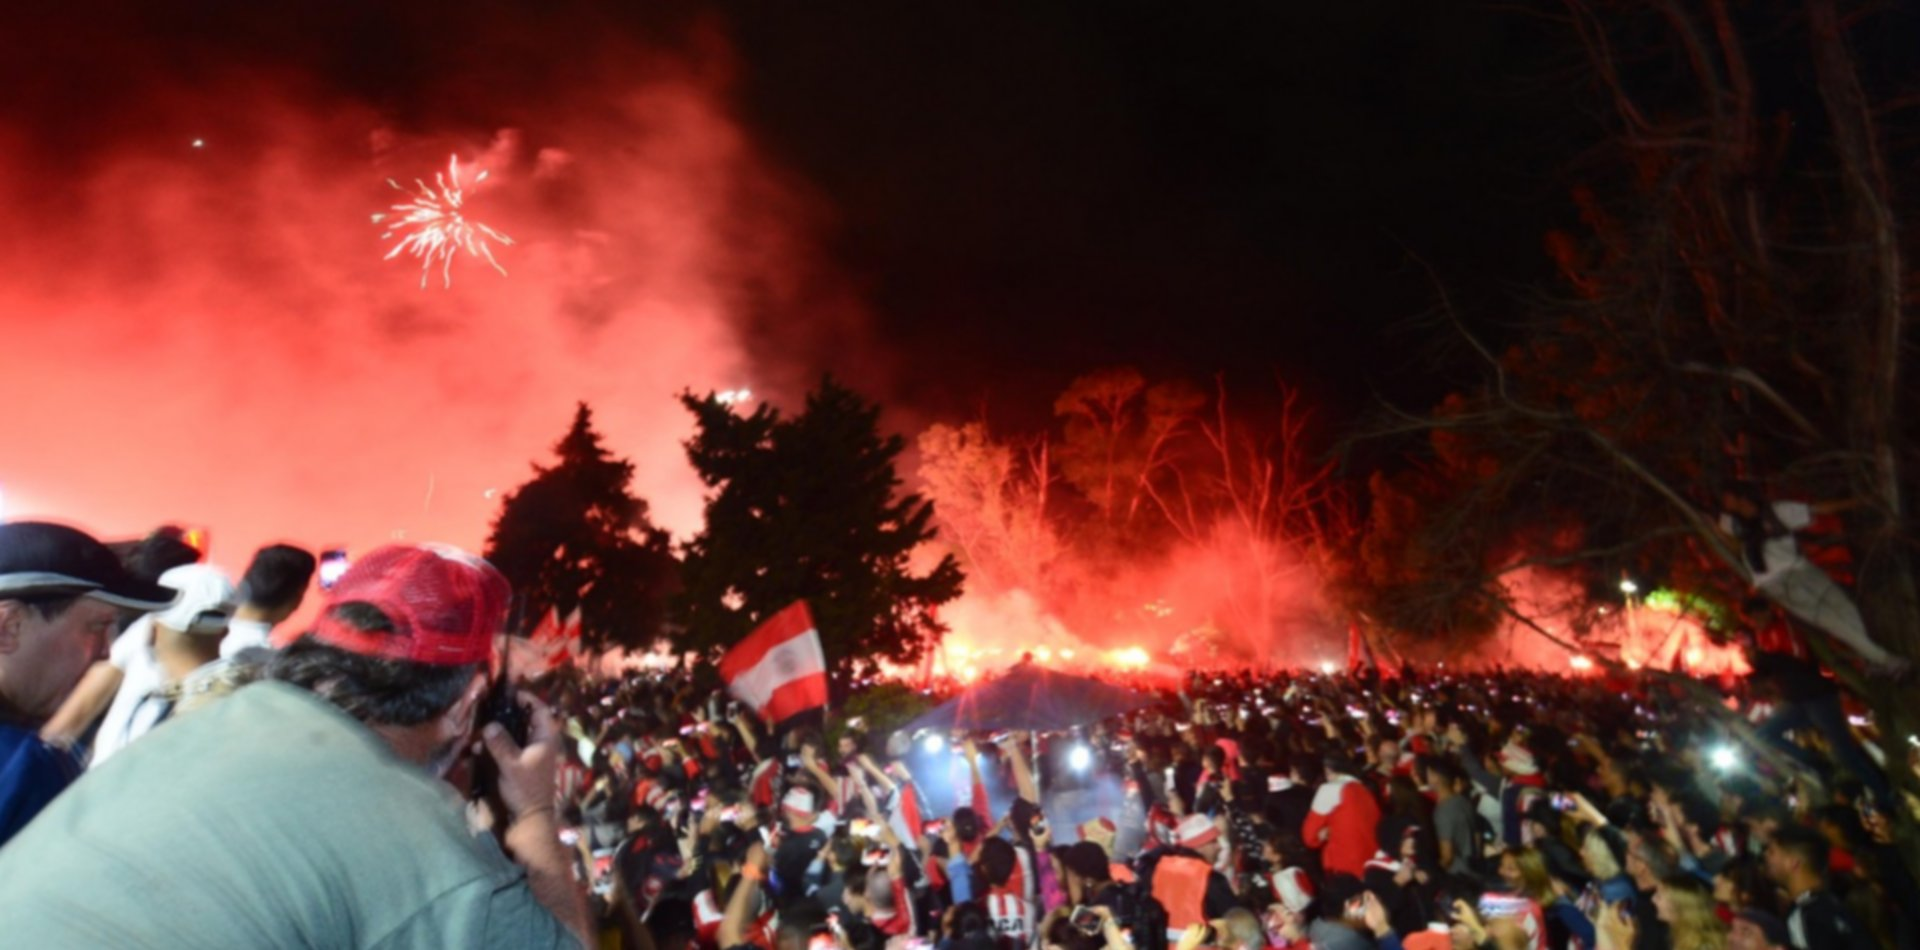 Fuegos artificiales, banderas y bengalas: arrancó la vigilia pincha en 1 y 57